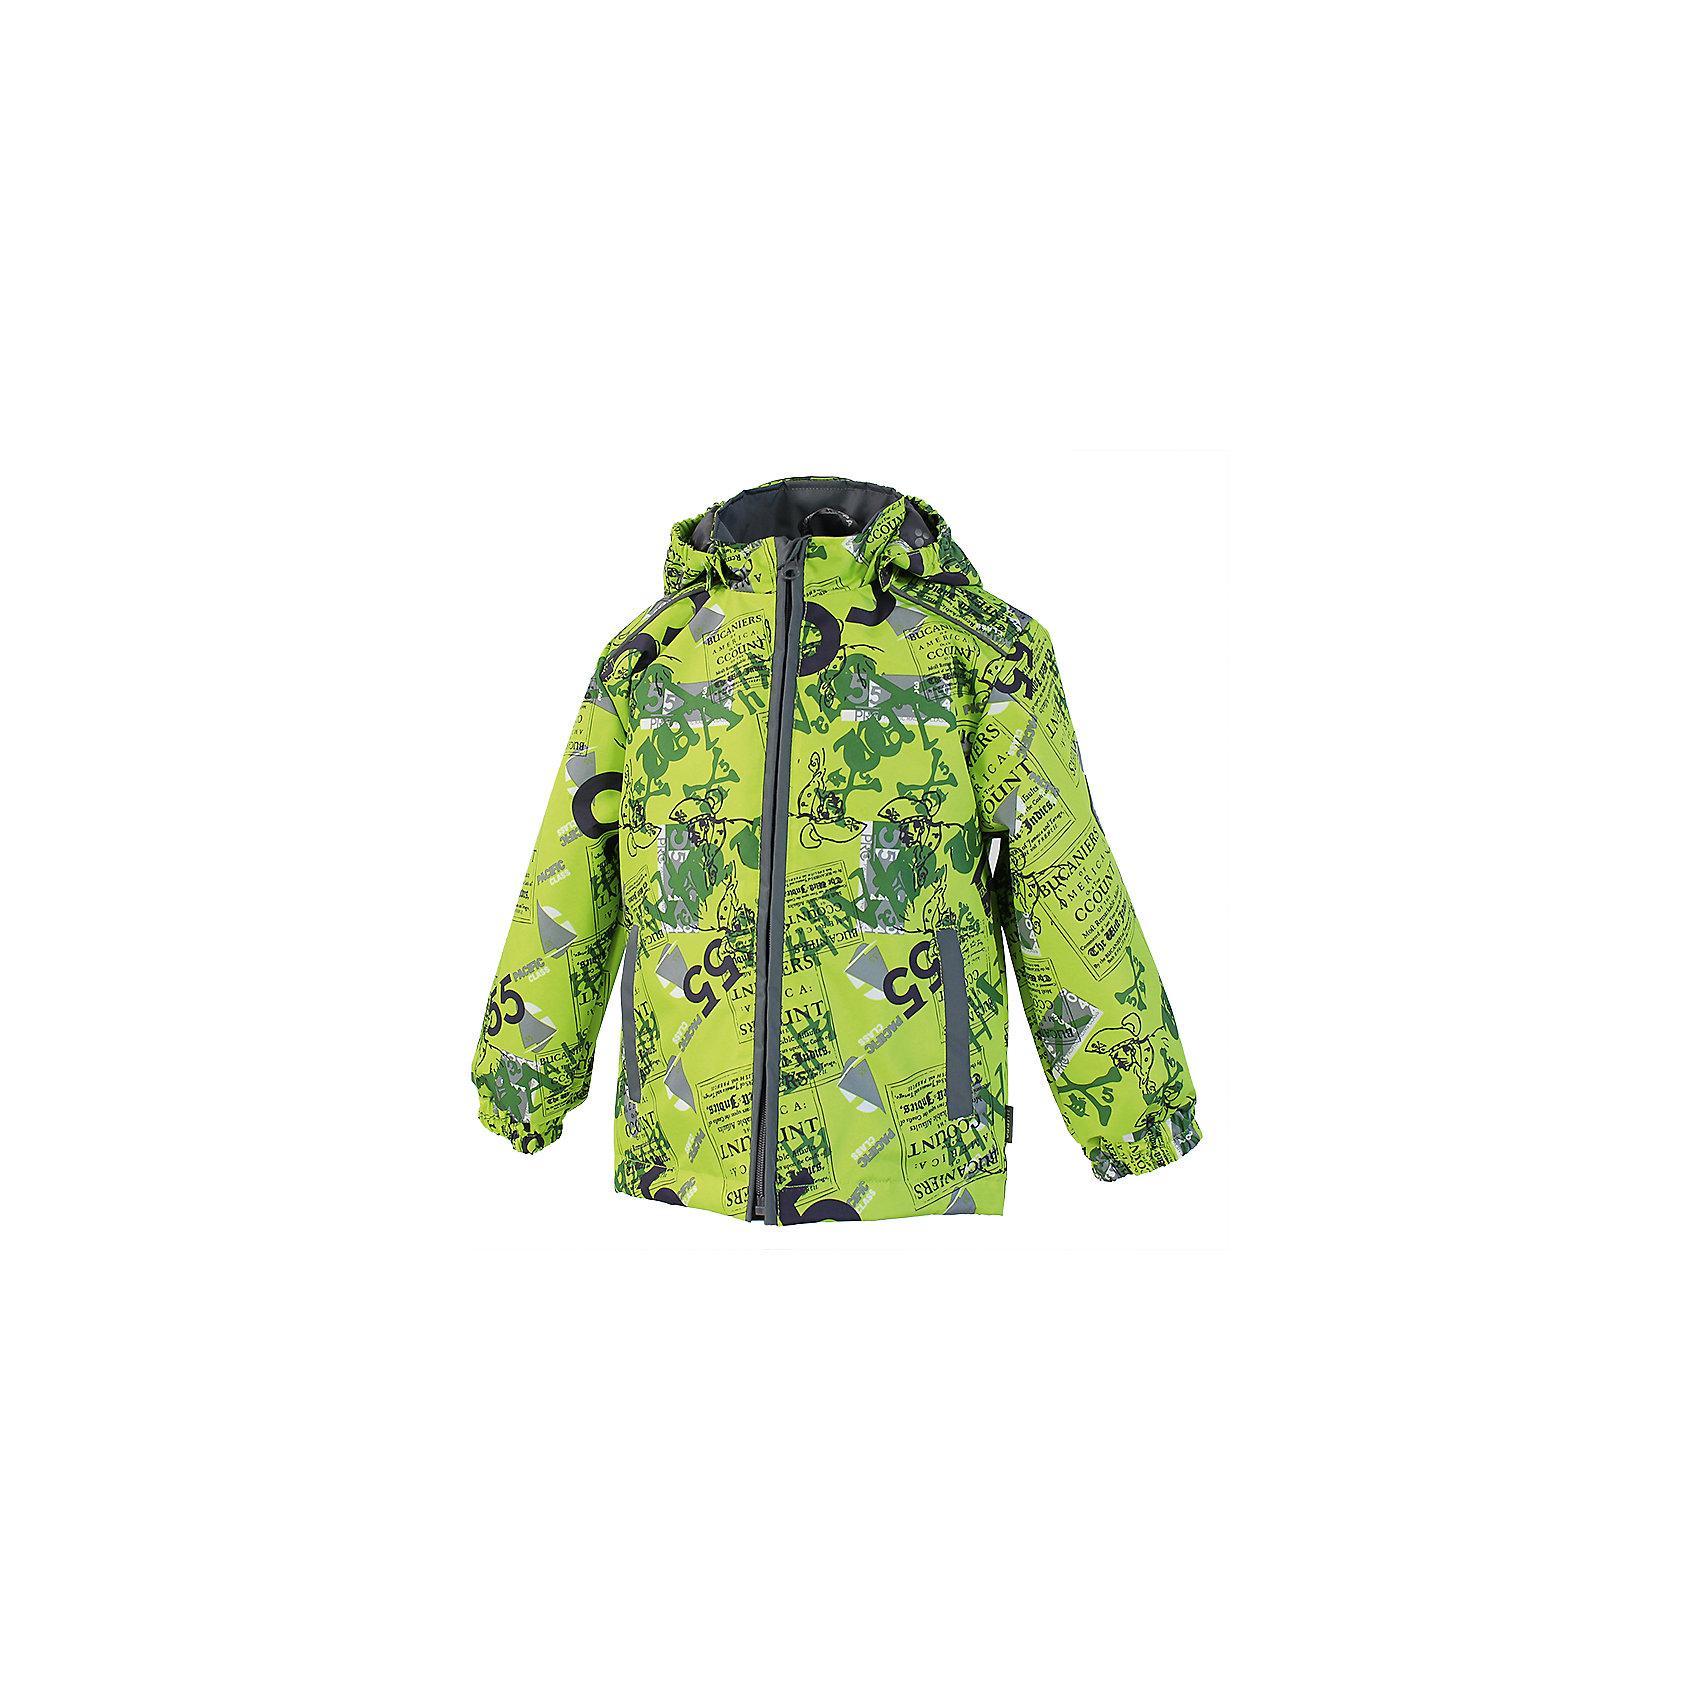 Куртка для мальчика HuppaHuppaTherm 40 грамм<br>Высокотехнологичный лёгкий синтетический утеплитель нового поколения, сохраняет объём и высокую теплоизоляцию изделия, а также легко стирается и быстро сохнет.<br><br>Влагоустойчивая и дышащая ткань 10 000/ 10 000<br>Мембрана препятствует прохождению воды и ветра сквозь ткань внутрь изделия, позволяя испаряться выделяемой телом, образовывающейся внутри влаге.<br><br>Прочная ткань<br>Сплетения волокон в тканях выполнены по специальной технологии, которая придаёт ткани прочность и предохранят от истирания.<br><br>Светоотражательные детали<br>При плохих погодных условиях или в темноте, когда свет падает на одежду, он отражается, делая ребёнка более заметным, уменьшая возможность несчастных случаев.<br><br>Дополнительная информация:<br><br>Температурный режим: от 0 до +10 С<br>Ткань: 100% полиэстер<br>Подкладка: тафта - 100% полиэстер<br>Утеплитель: 100% полиэстер 40г.<br><br>Куртку для мальчика Huppa можно купить в нашем магазине.<br><br>Ширина мм: 356<br>Глубина мм: 10<br>Высота мм: 245<br>Вес г: 519<br>Цвет: желтый<br>Возраст от месяцев: 48<br>Возраст до месяцев: 60<br>Пол: Мужской<br>Возраст: Детский<br>Размер: 110,116,104,122,134,92,98,128<br>SKU: 4595313